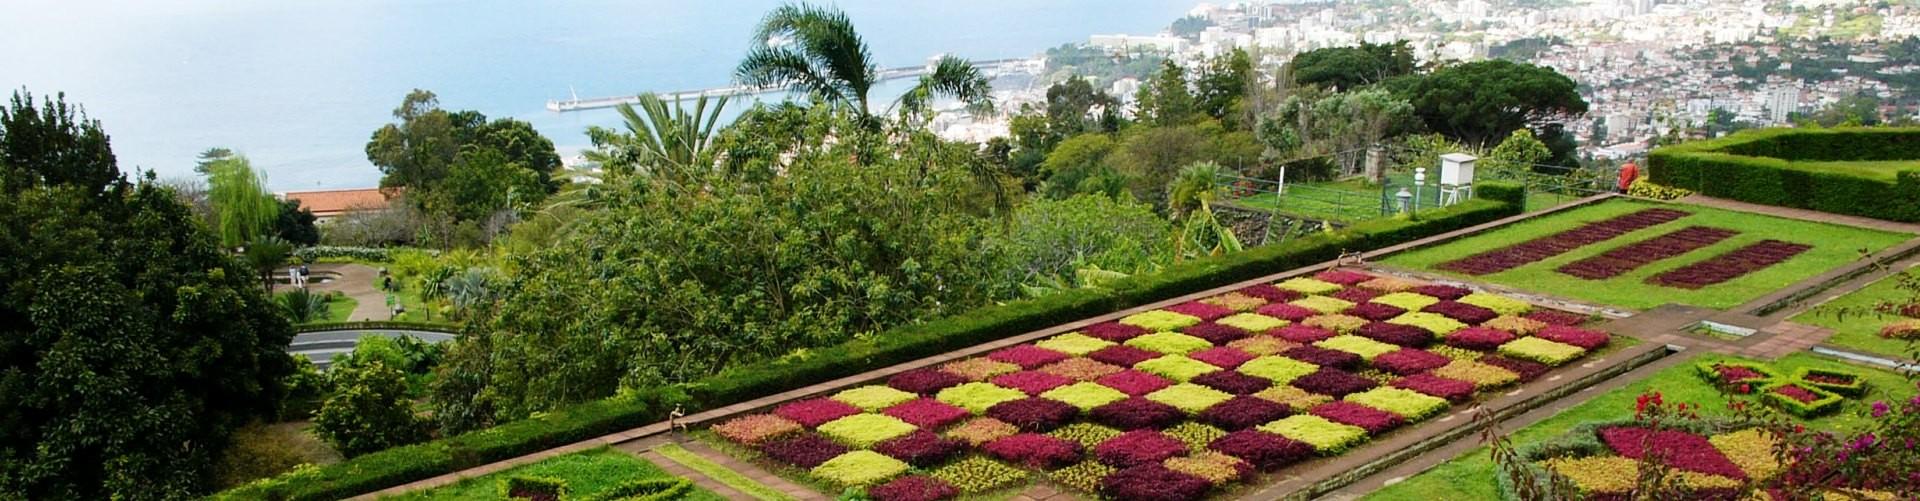 Jardins e Parque na Ilha da Madeira